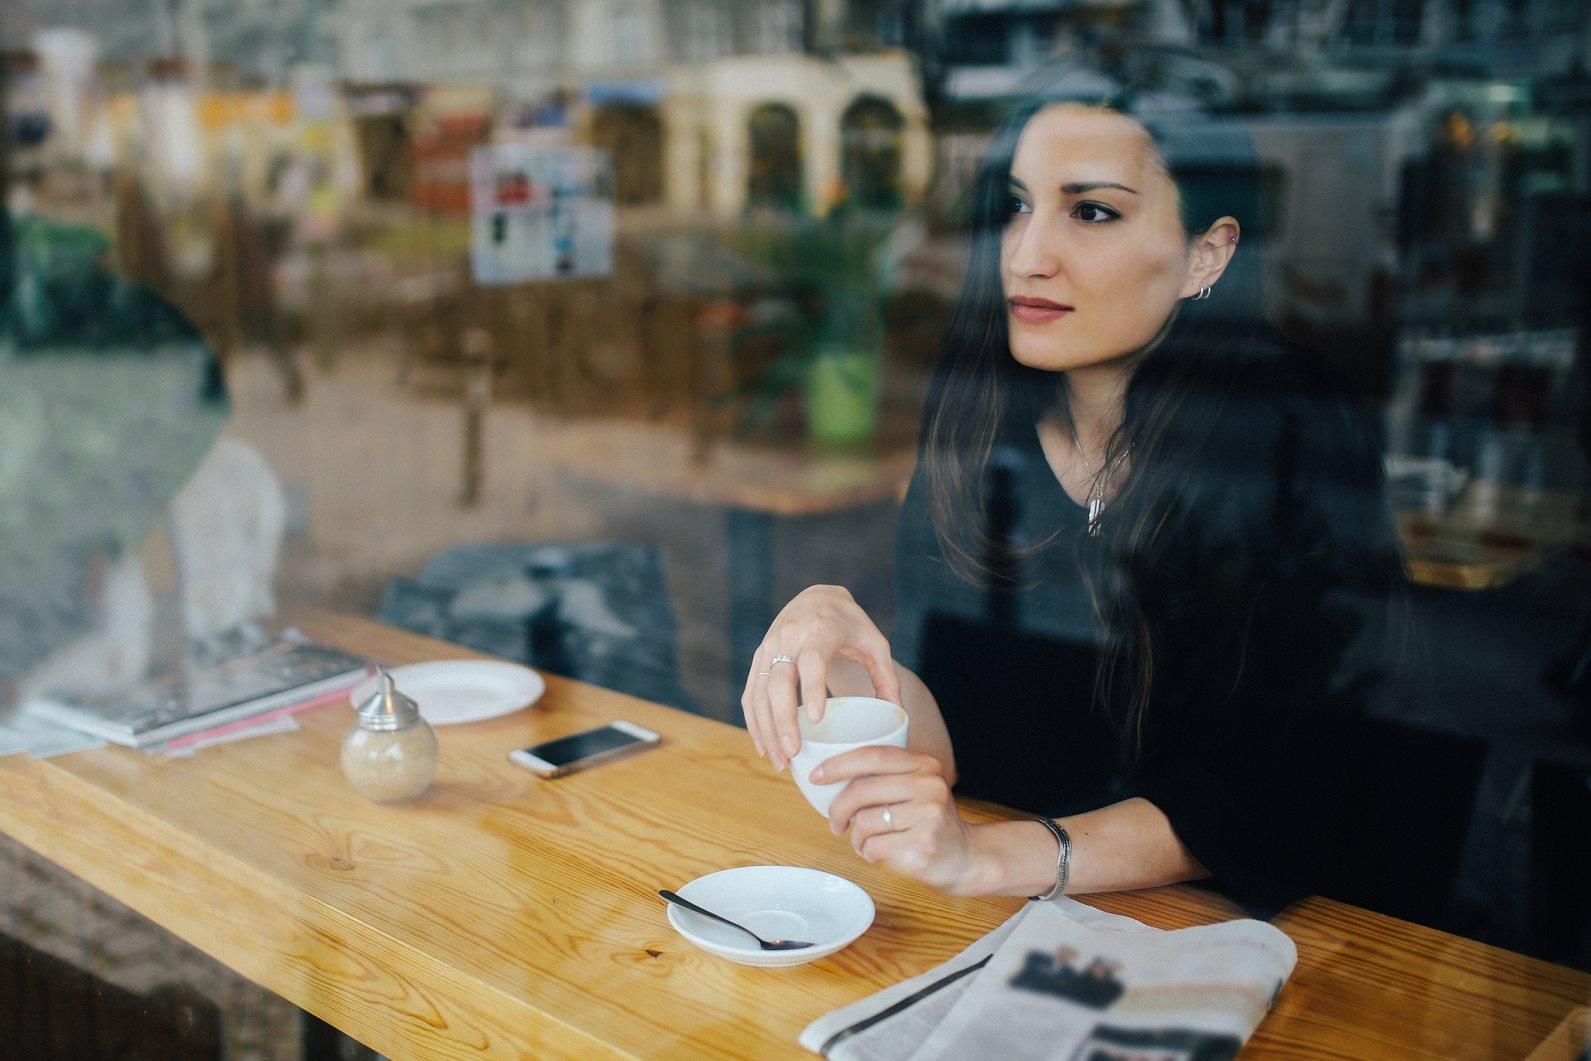 صورة تعبيرية لامرأة تفكر